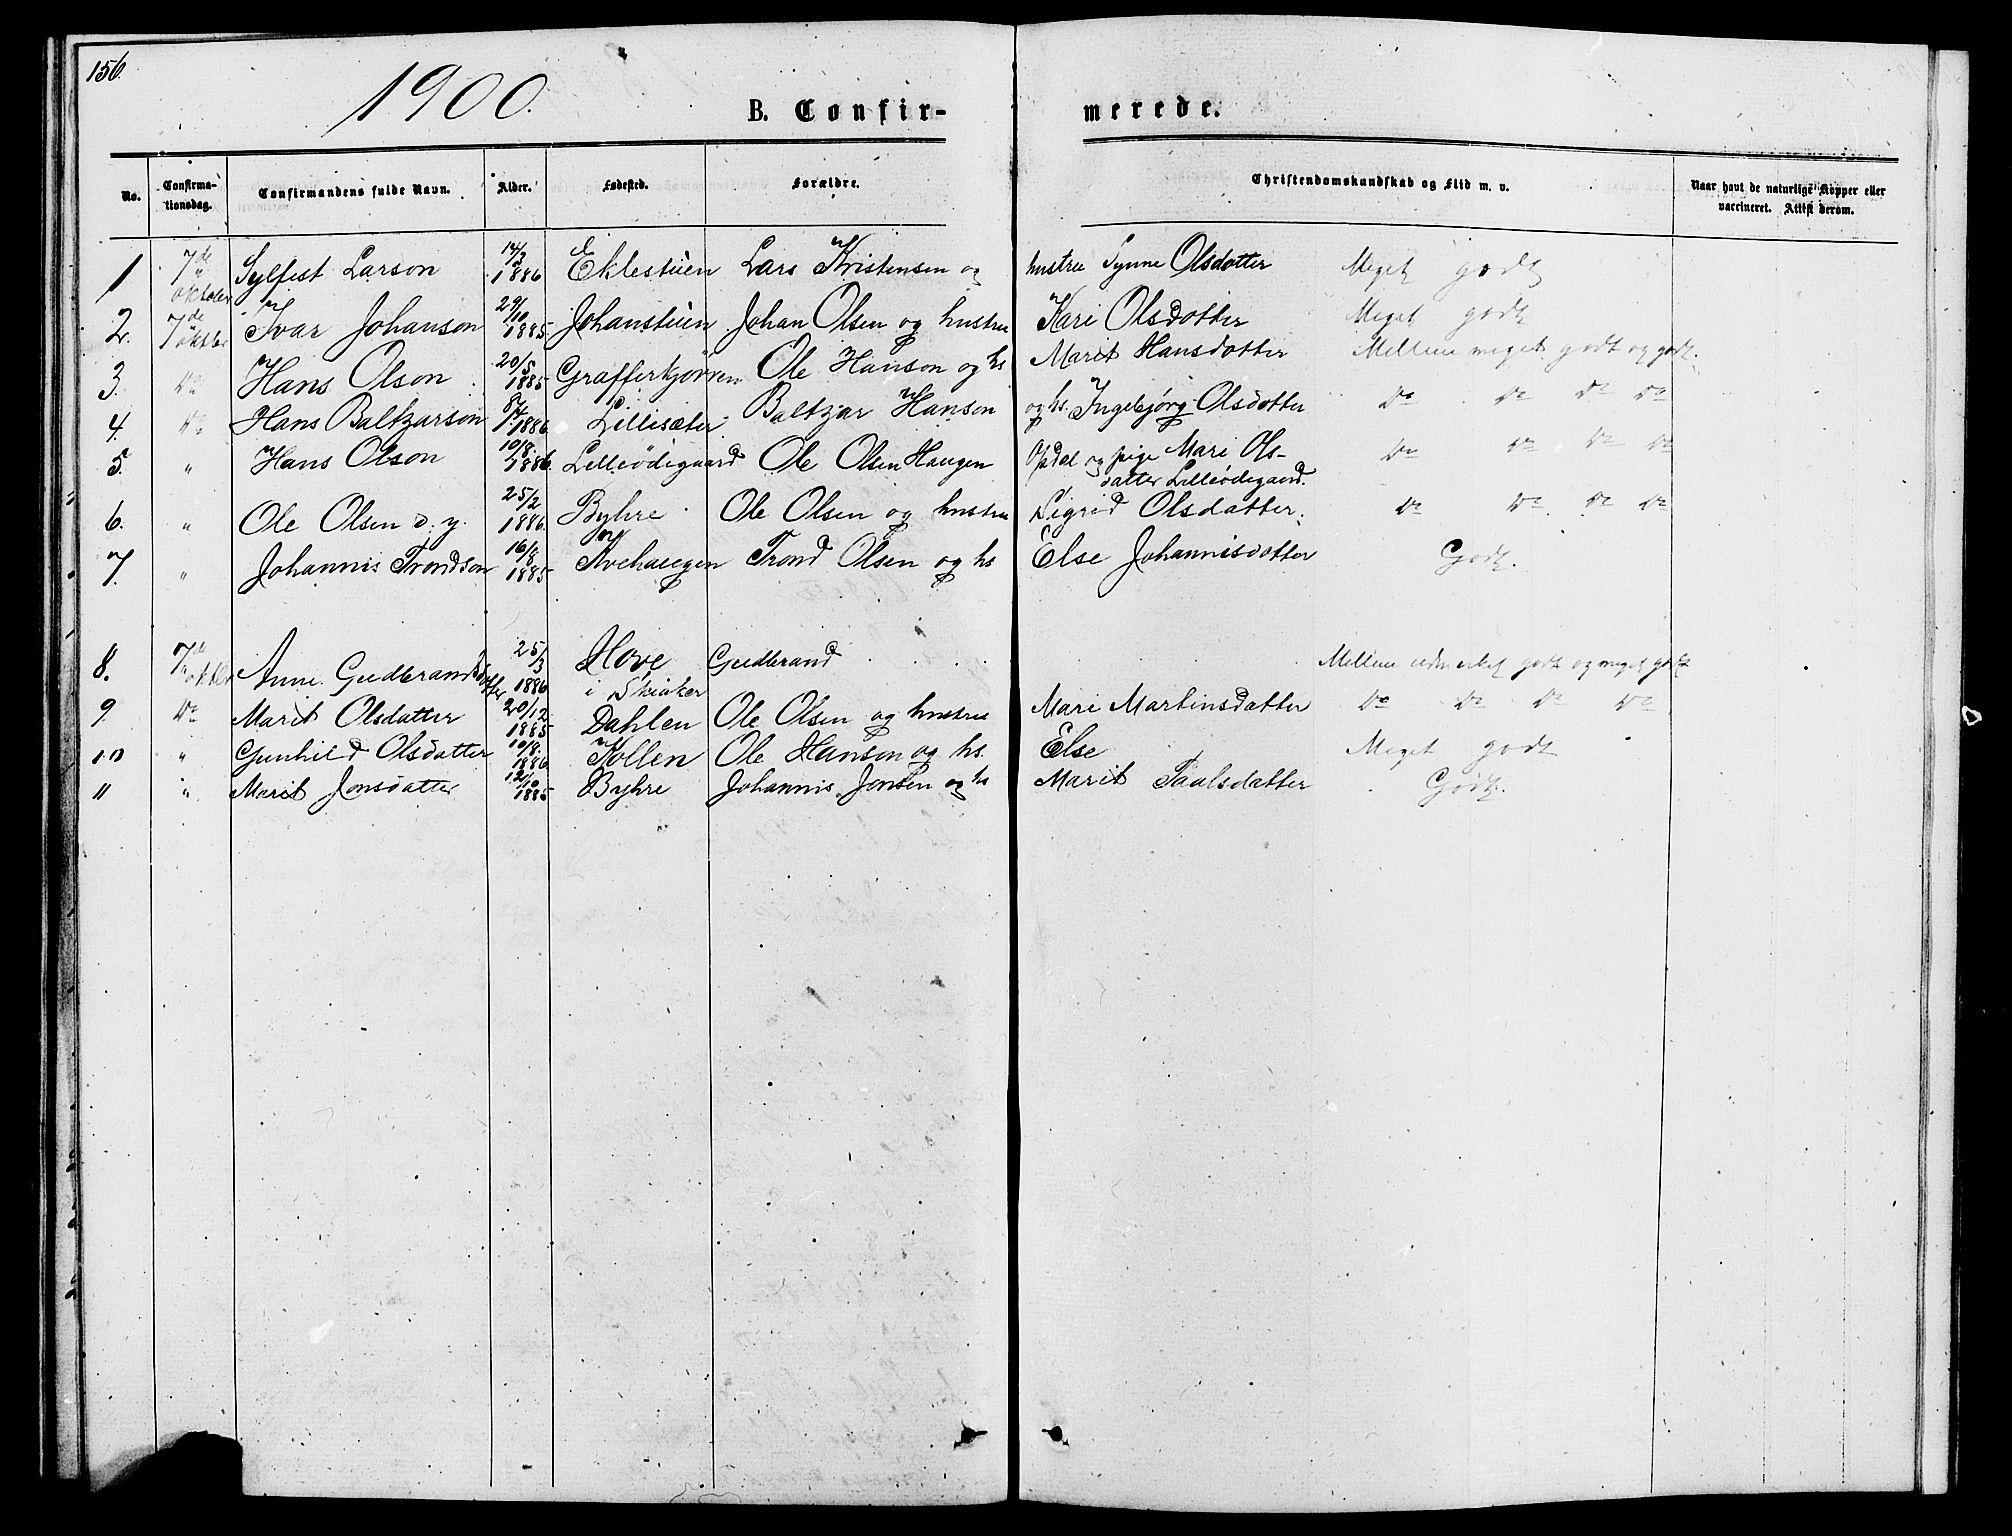 SAH, Lom prestekontor, L/L0005: Klokkerbok nr. 5, 1876-1901, s. 156-157